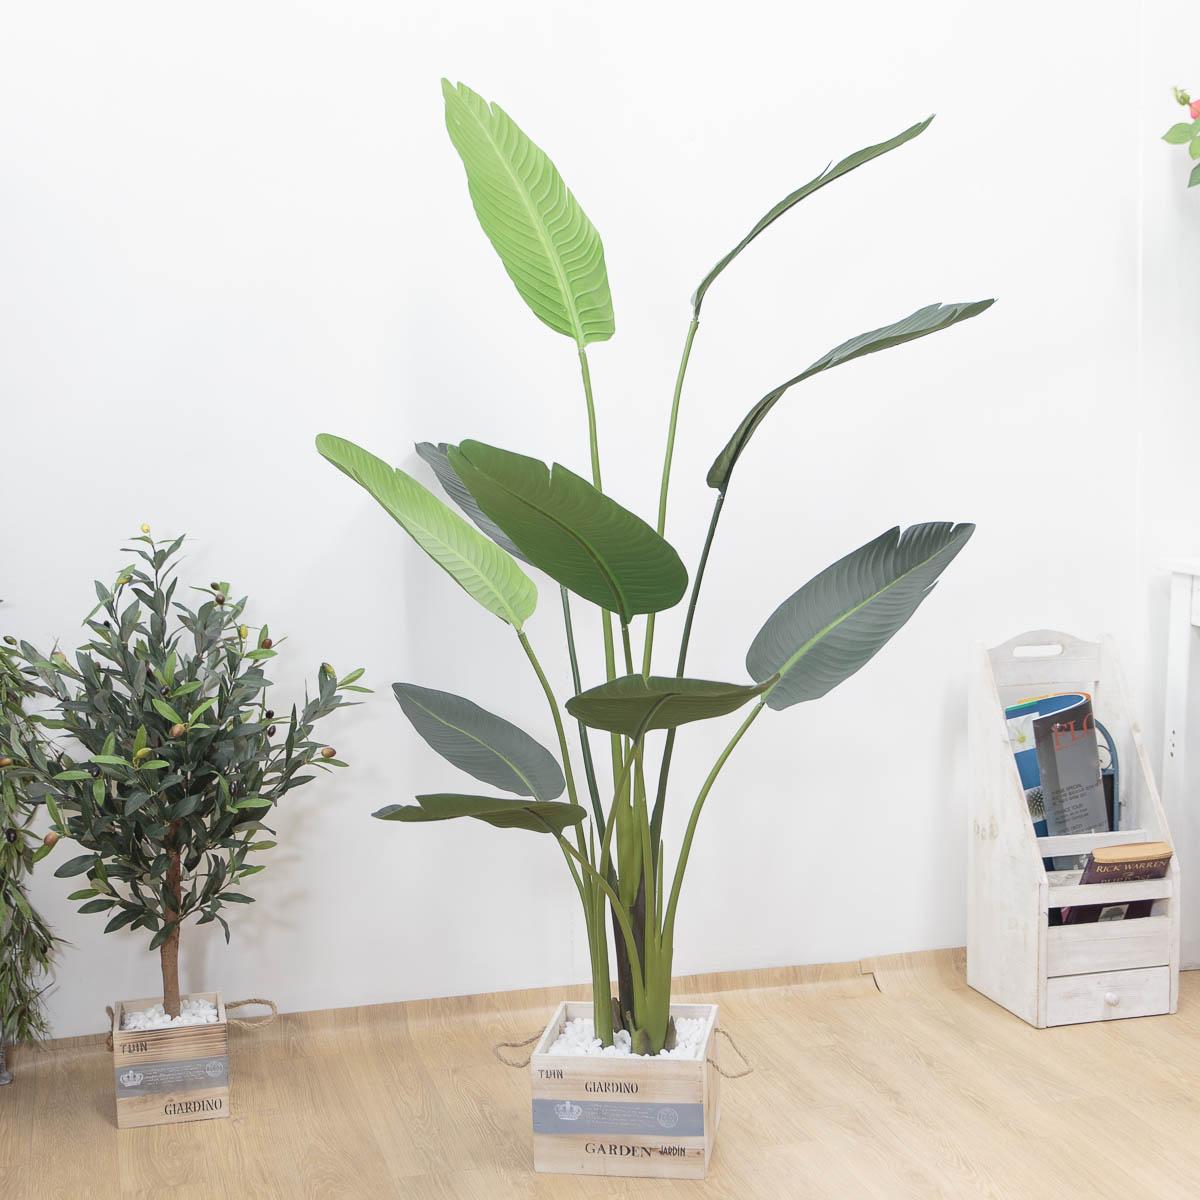 스텔리지아 극락조조화 인조나무 150cm Tuin사각화분 대 장식샘플